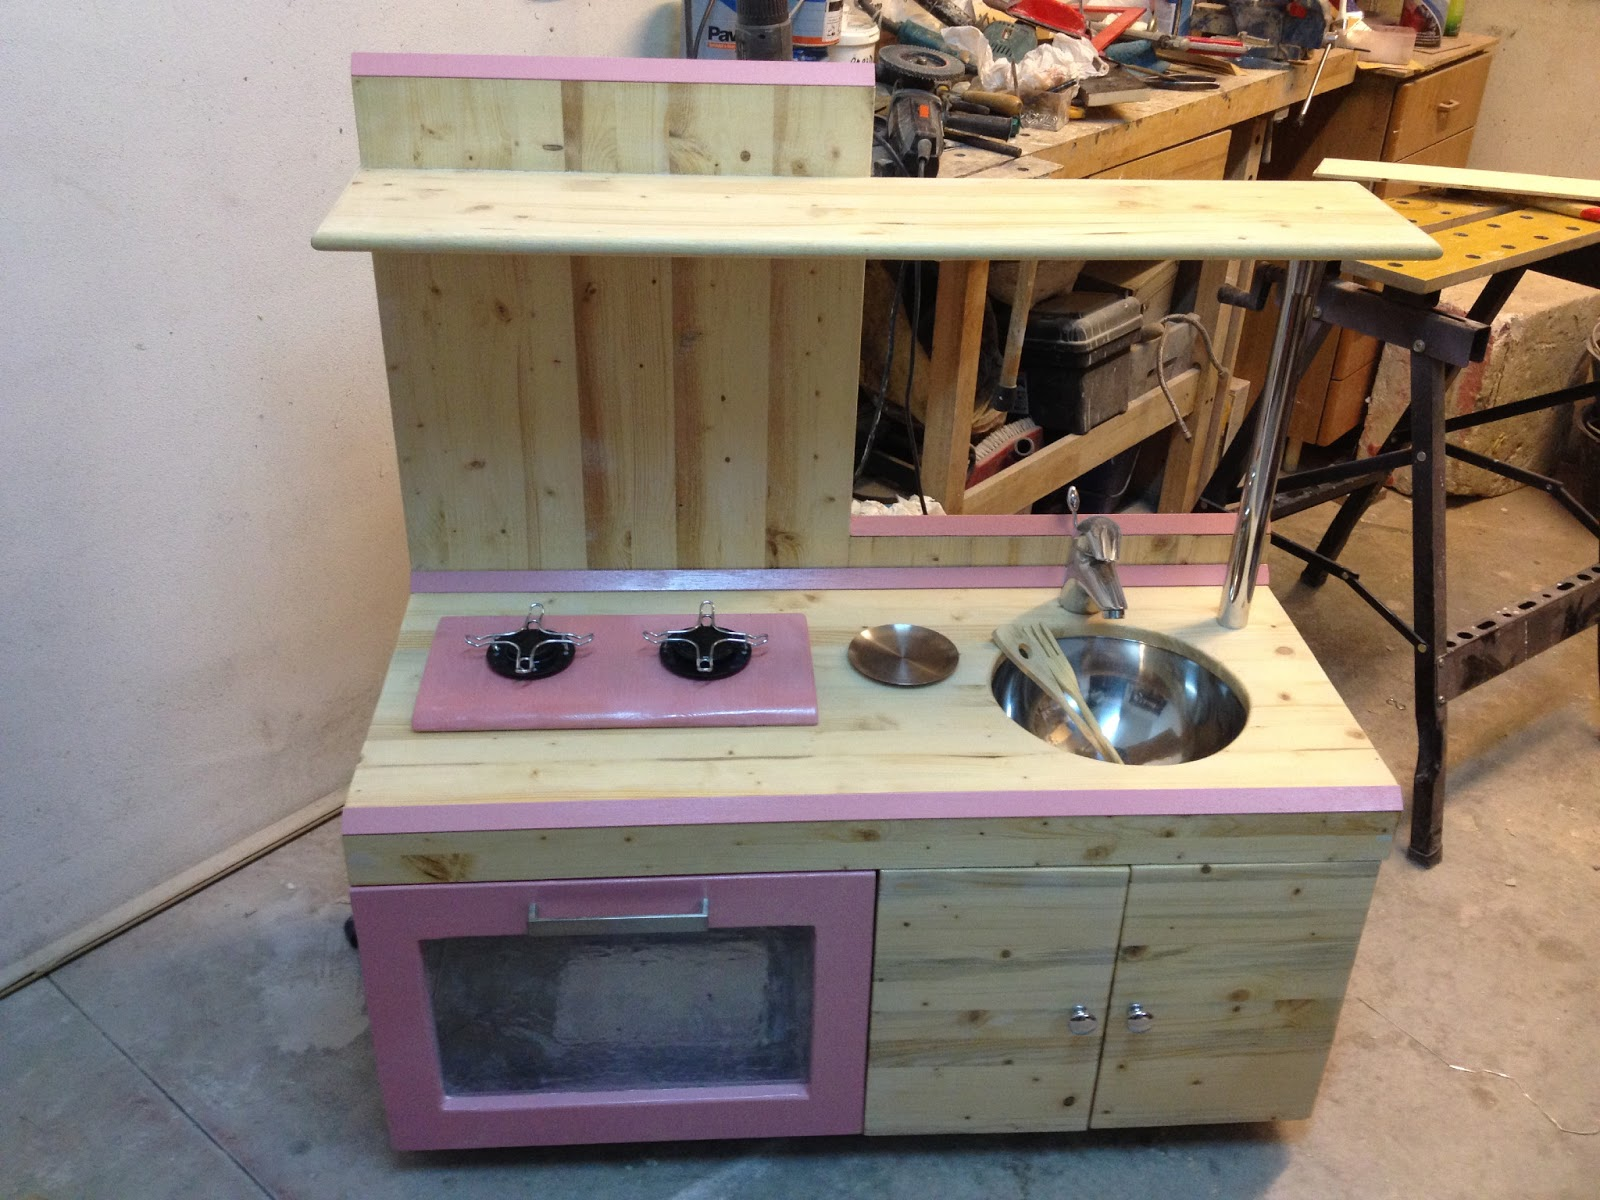 Cucine Giocattolo In Legno Usate.Mammarum Come Costruire Una Cucina Per Bambini Di Legno